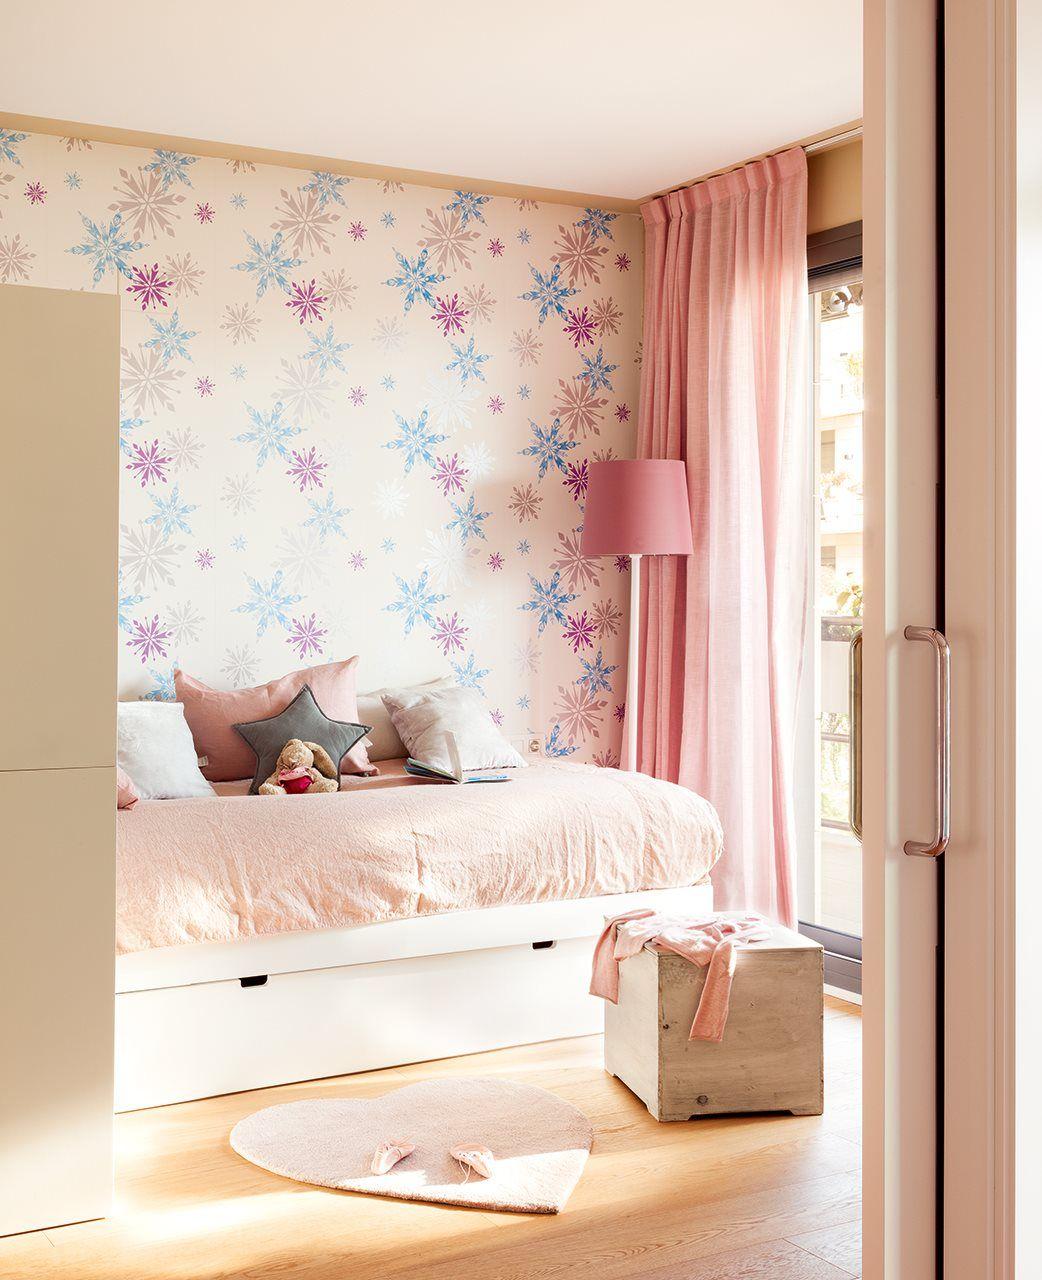 Dos ni as dos colores habitaci n infantil dormitorios - Decoracion habitacion infantil nina ...